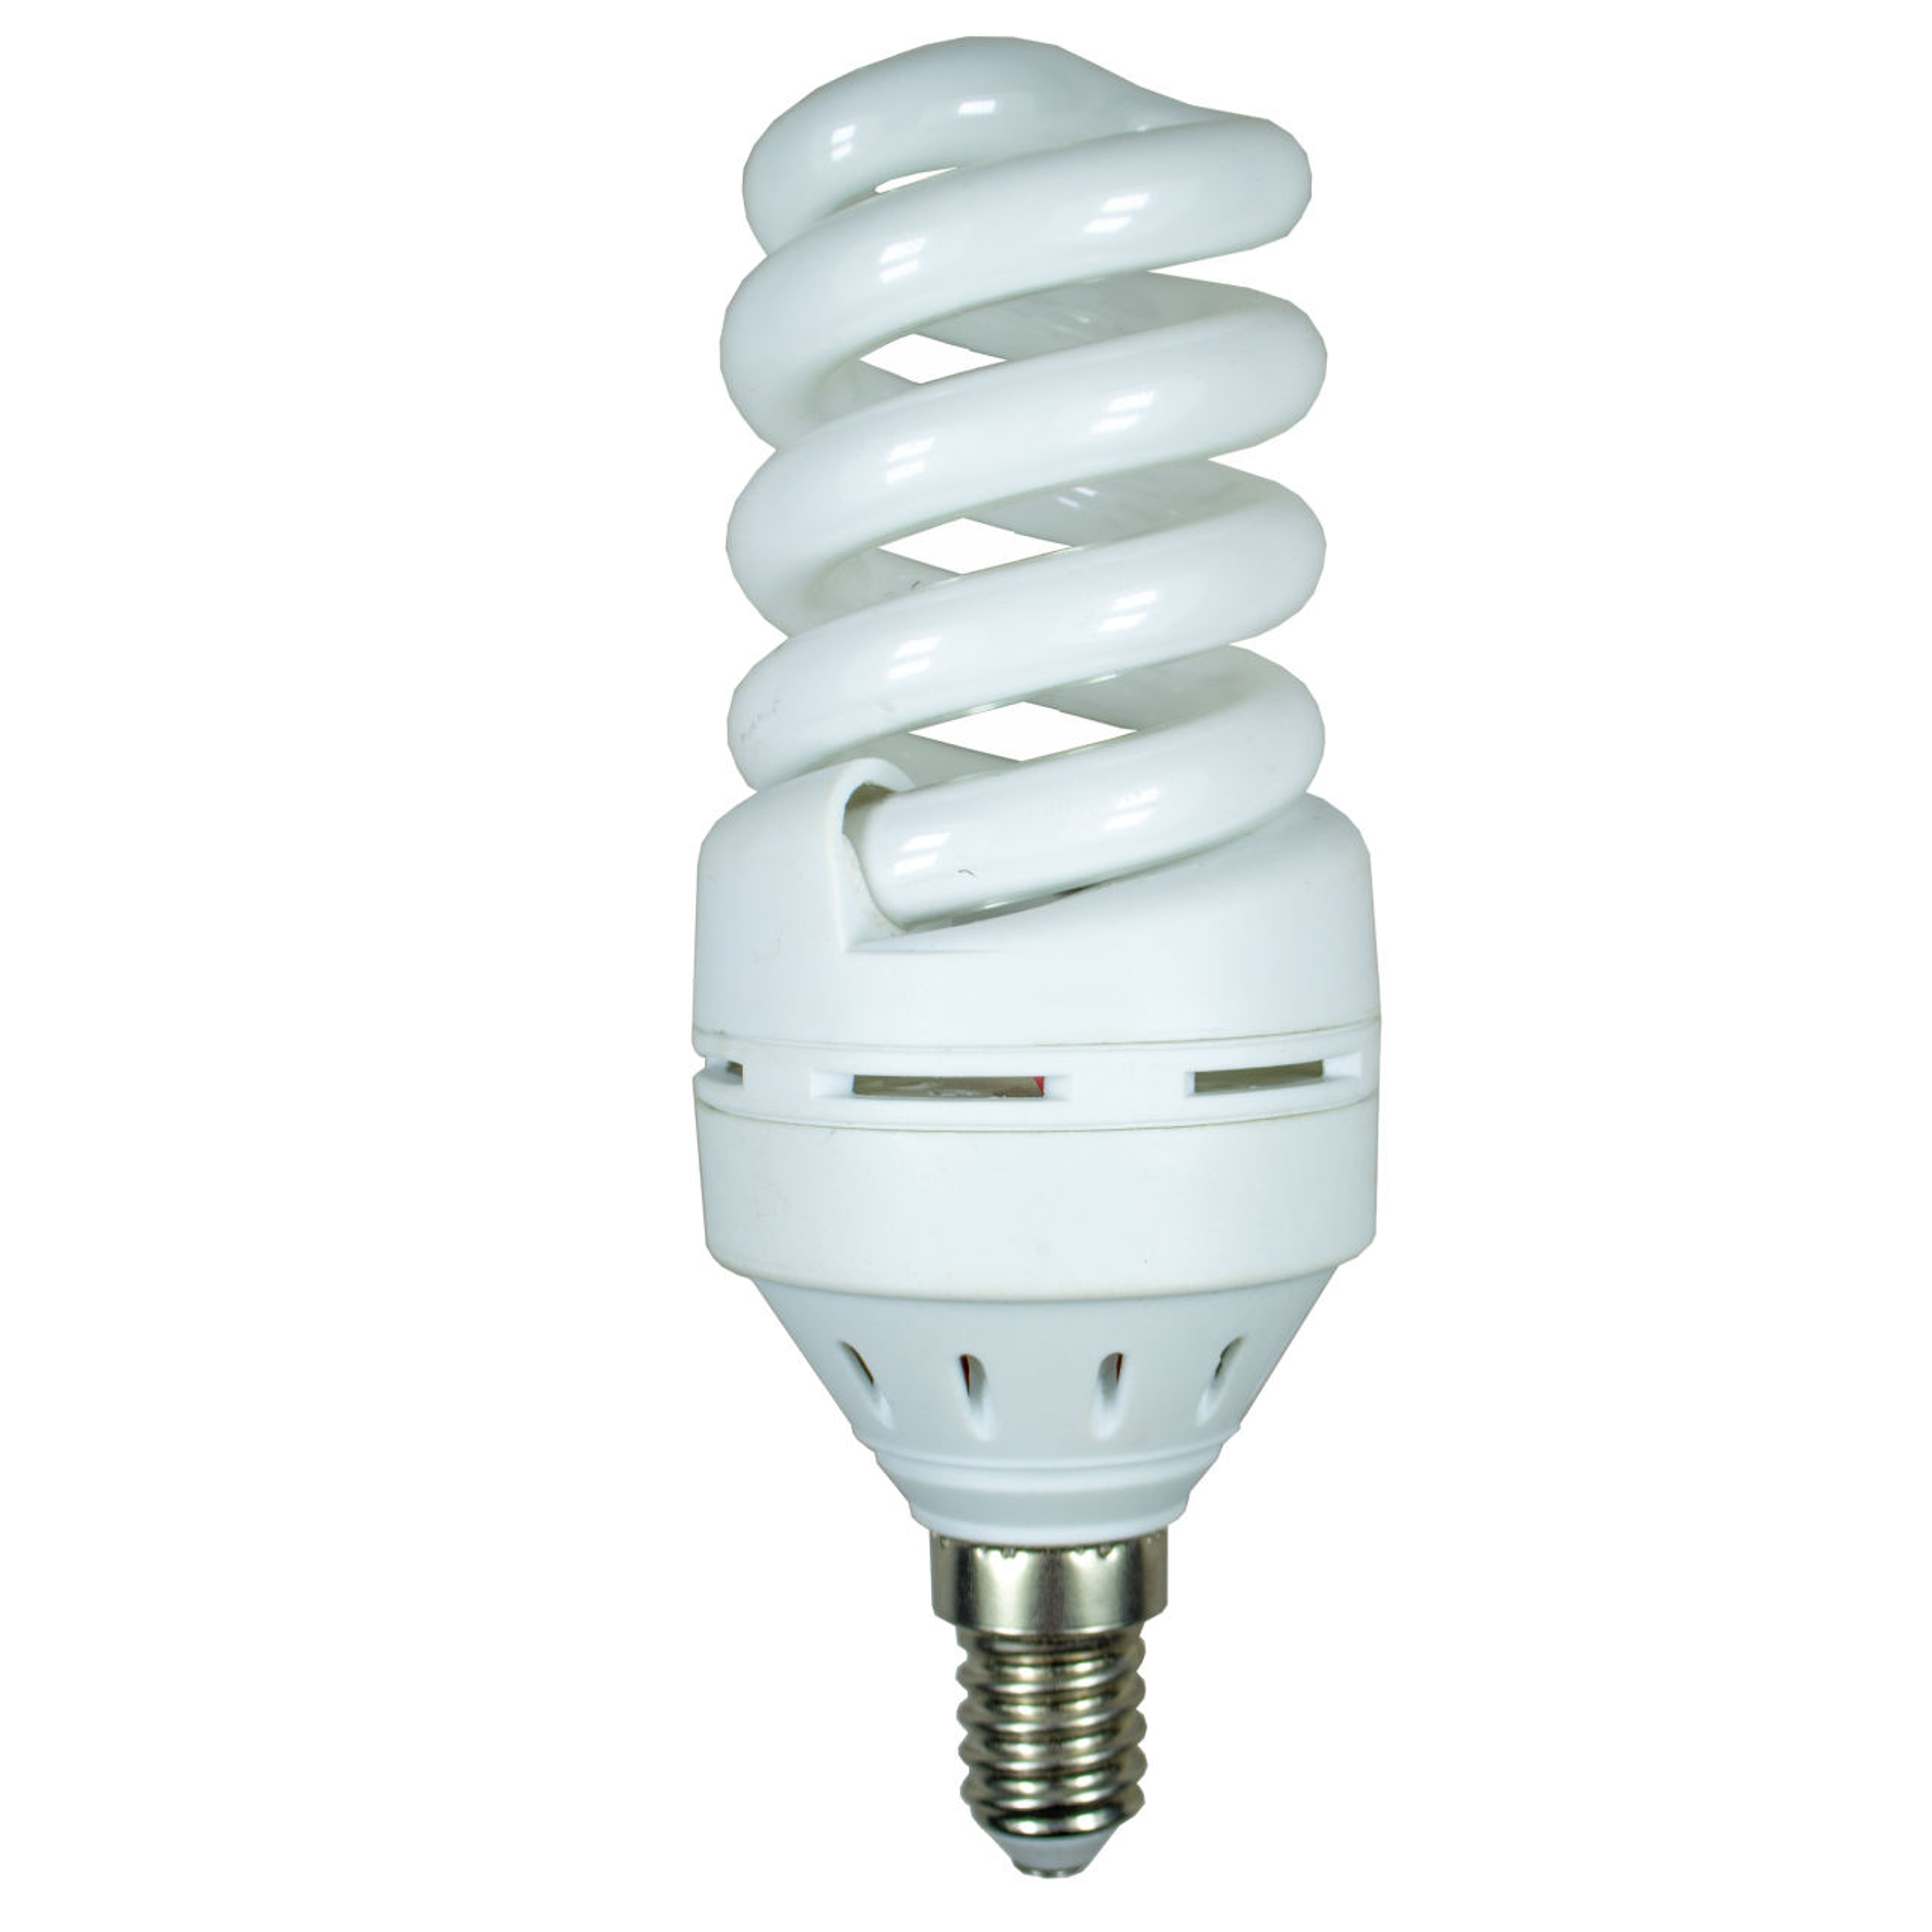 لامپ کم مصرف 13 وات فروزش مدل SM-13 پایه E14